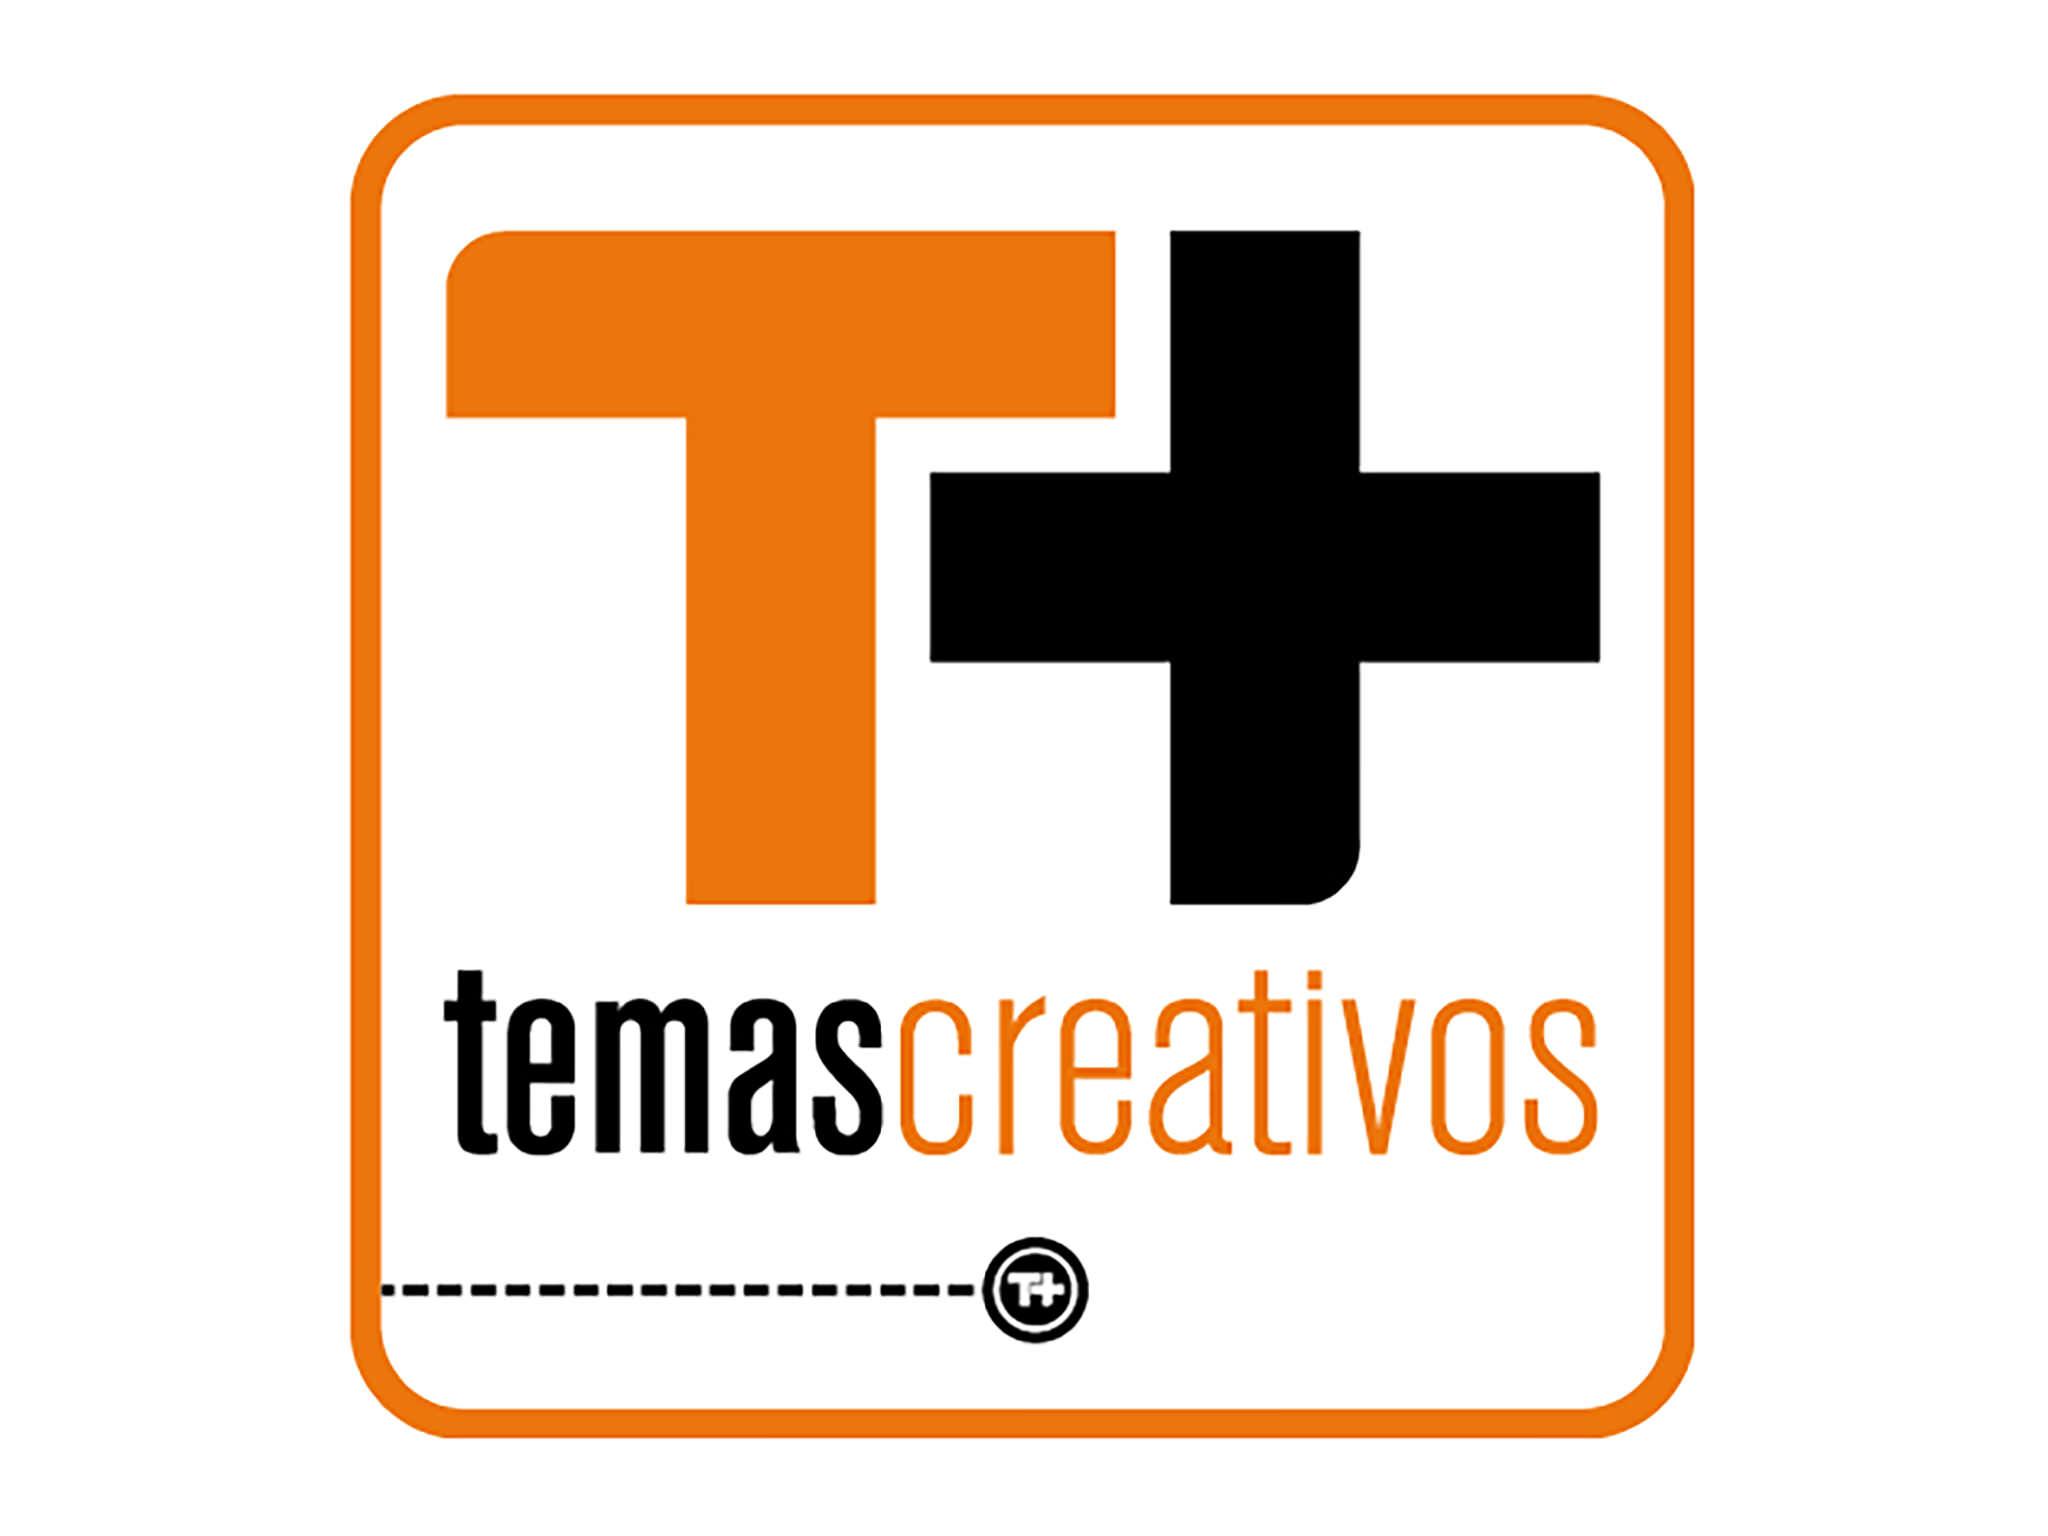 13_temas creativos